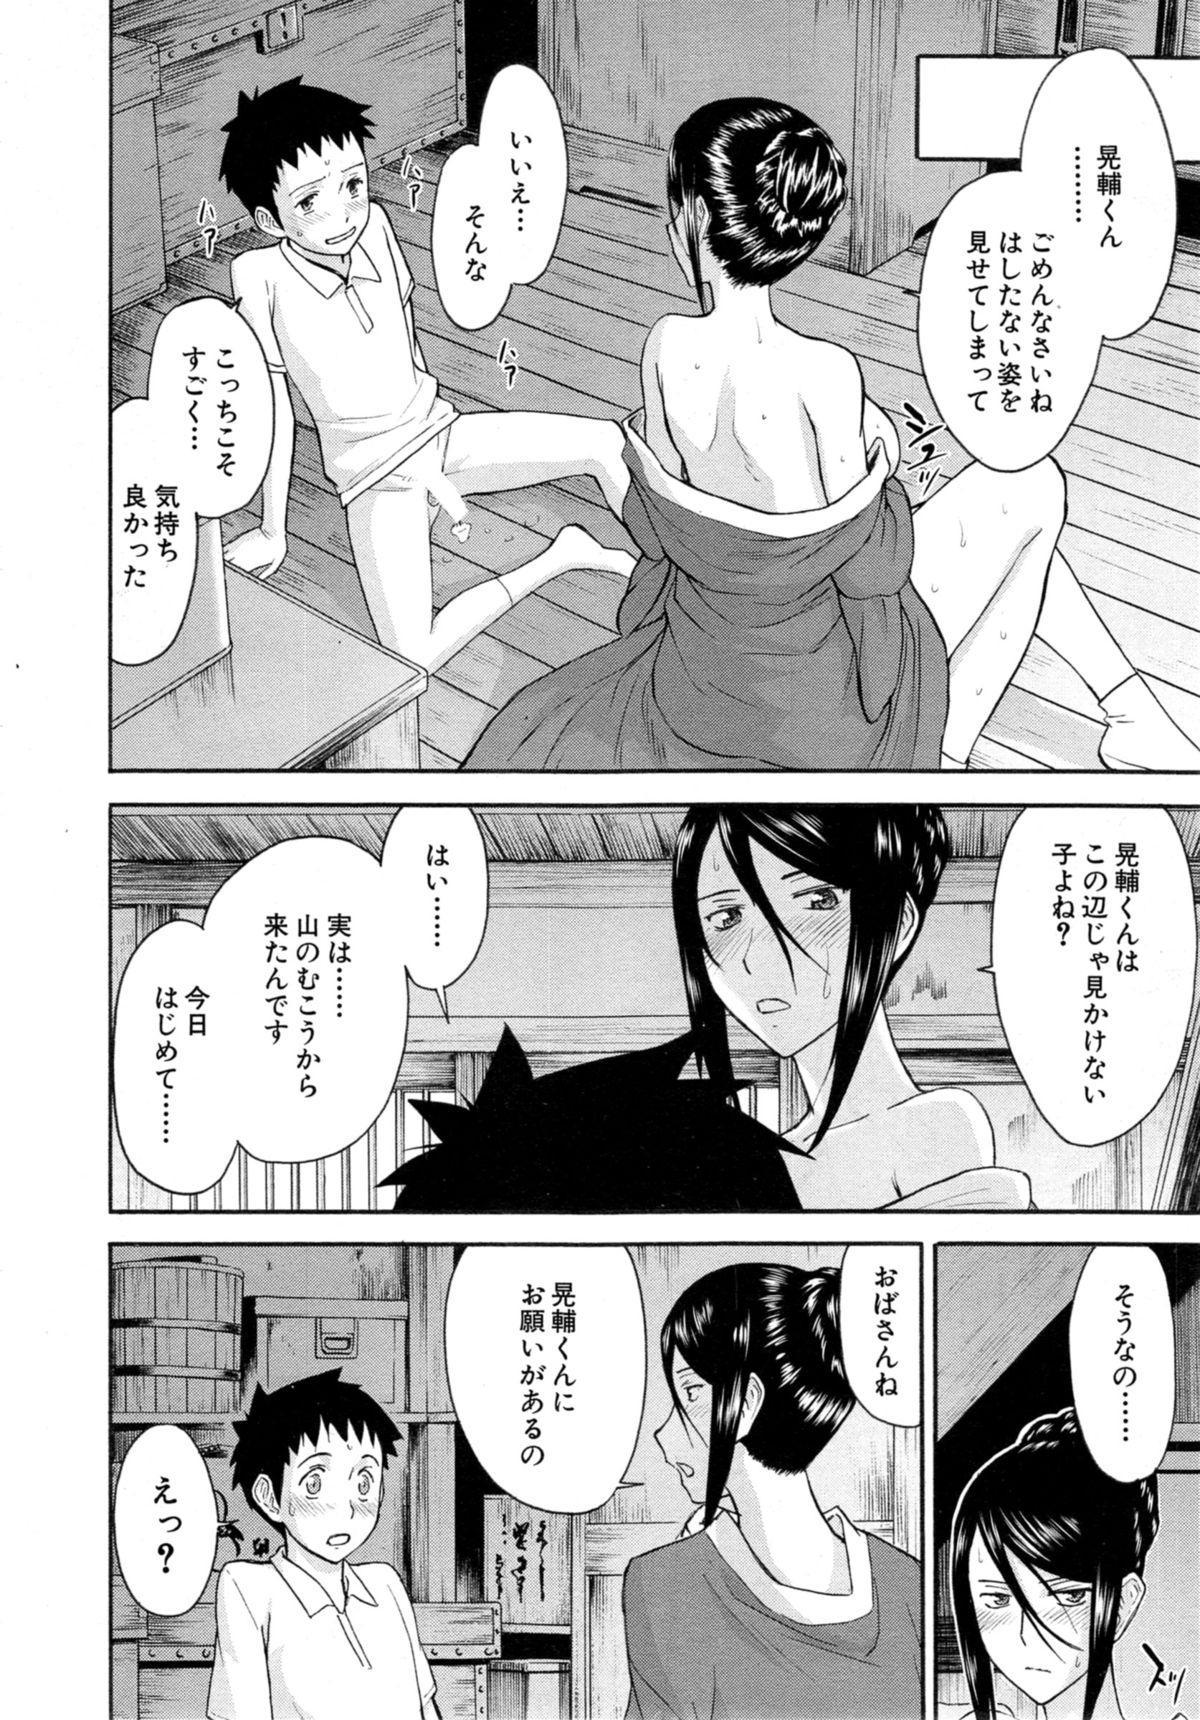 Zashikihime no Omocha Ch. 1-2 29